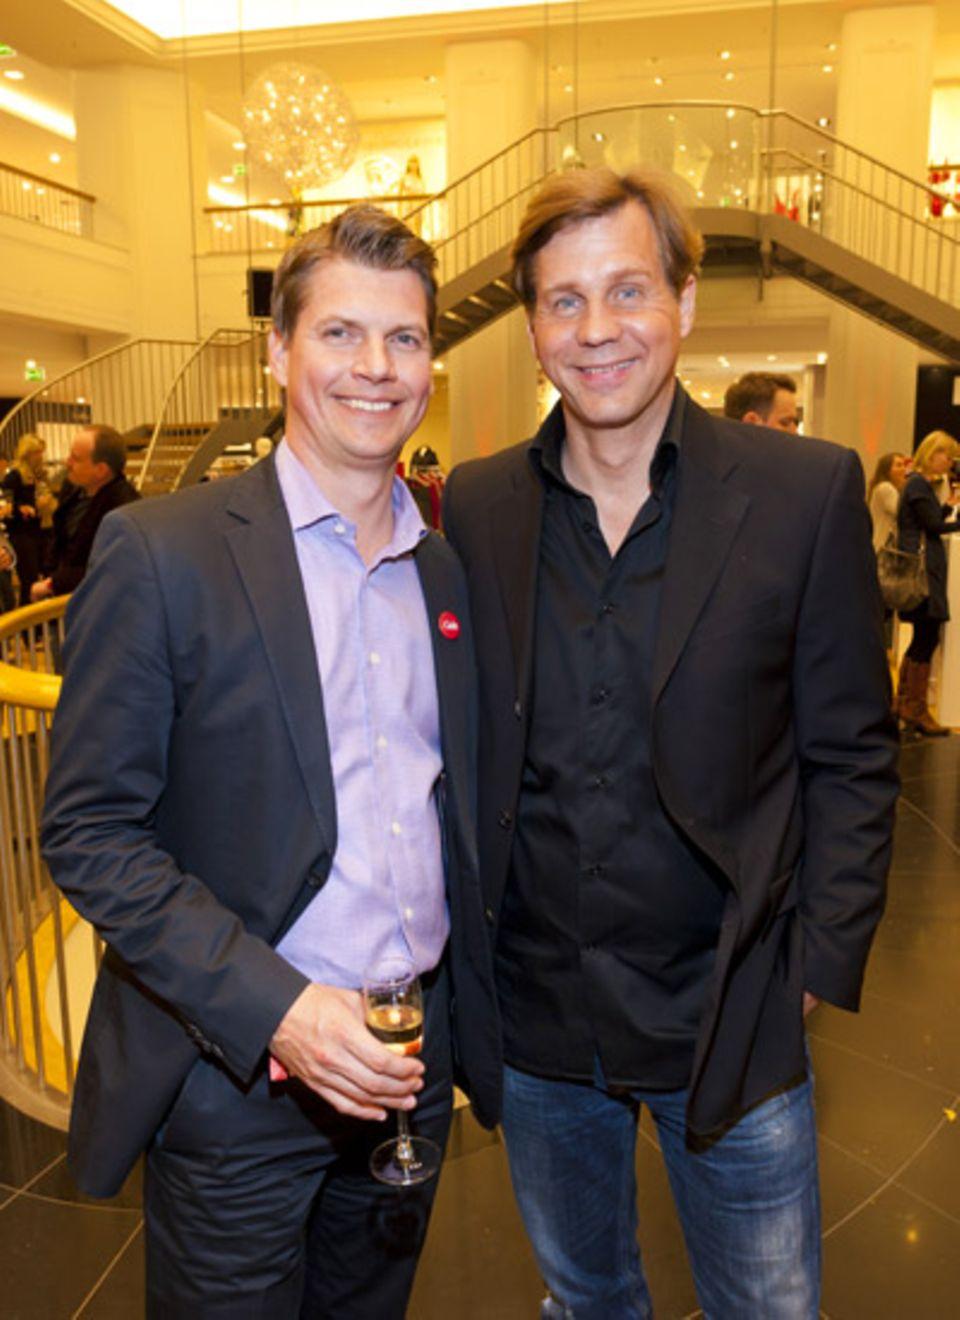 Verlagsleiter Nils Oberschelp und Thomas Heinze